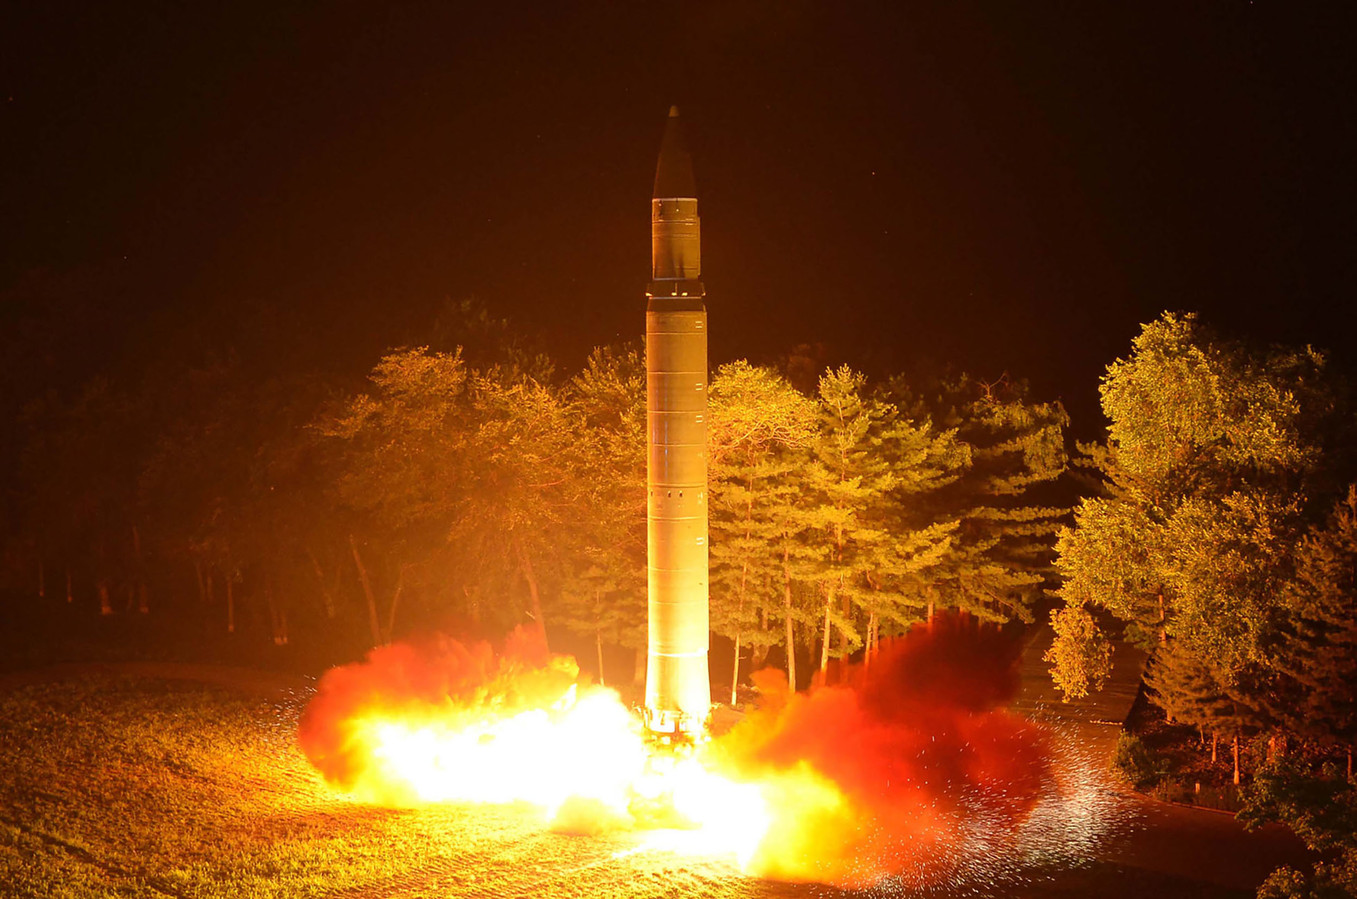 De Noord-Koreaanse raket Hwasong-14 zou een kernkop naar het hele vasteland van Amerika kunnen brengen. Vannacht lanceerde Noord-Korea de Hwasong-15.